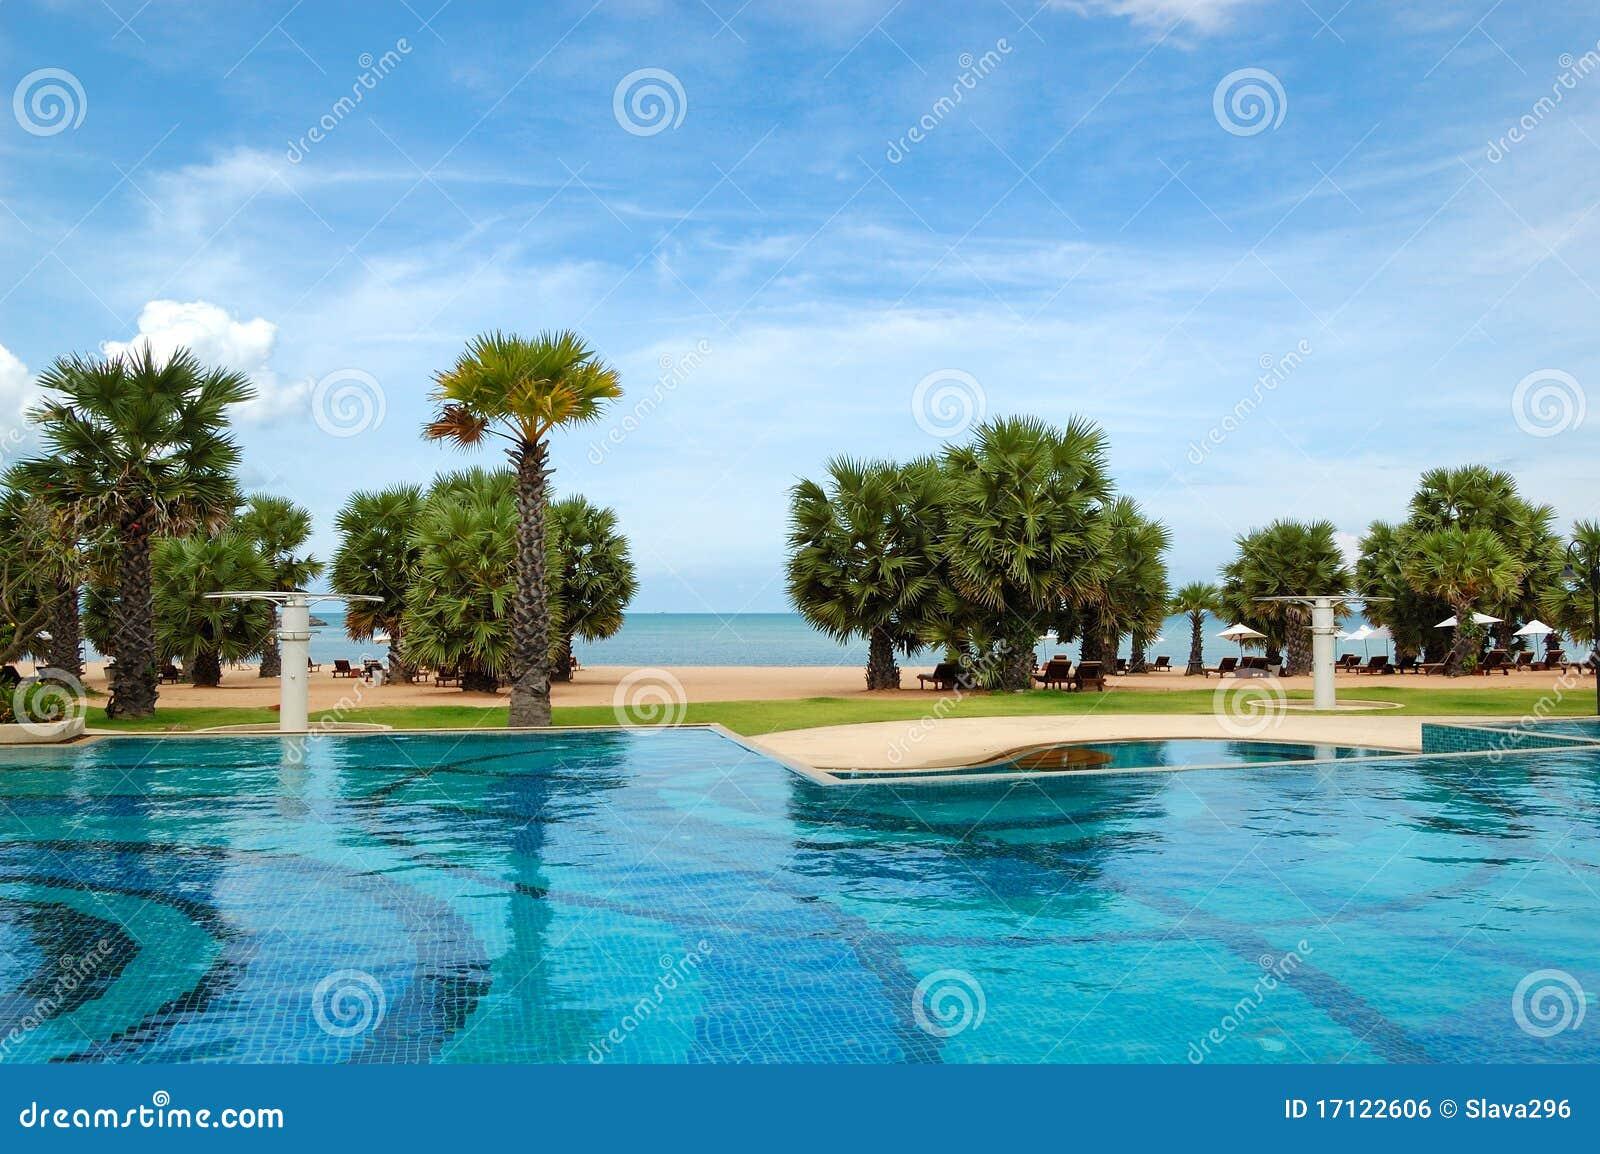 Piscinas en la playa del hotel de lujo imagen de archivo for Follando en la piscina del hotel